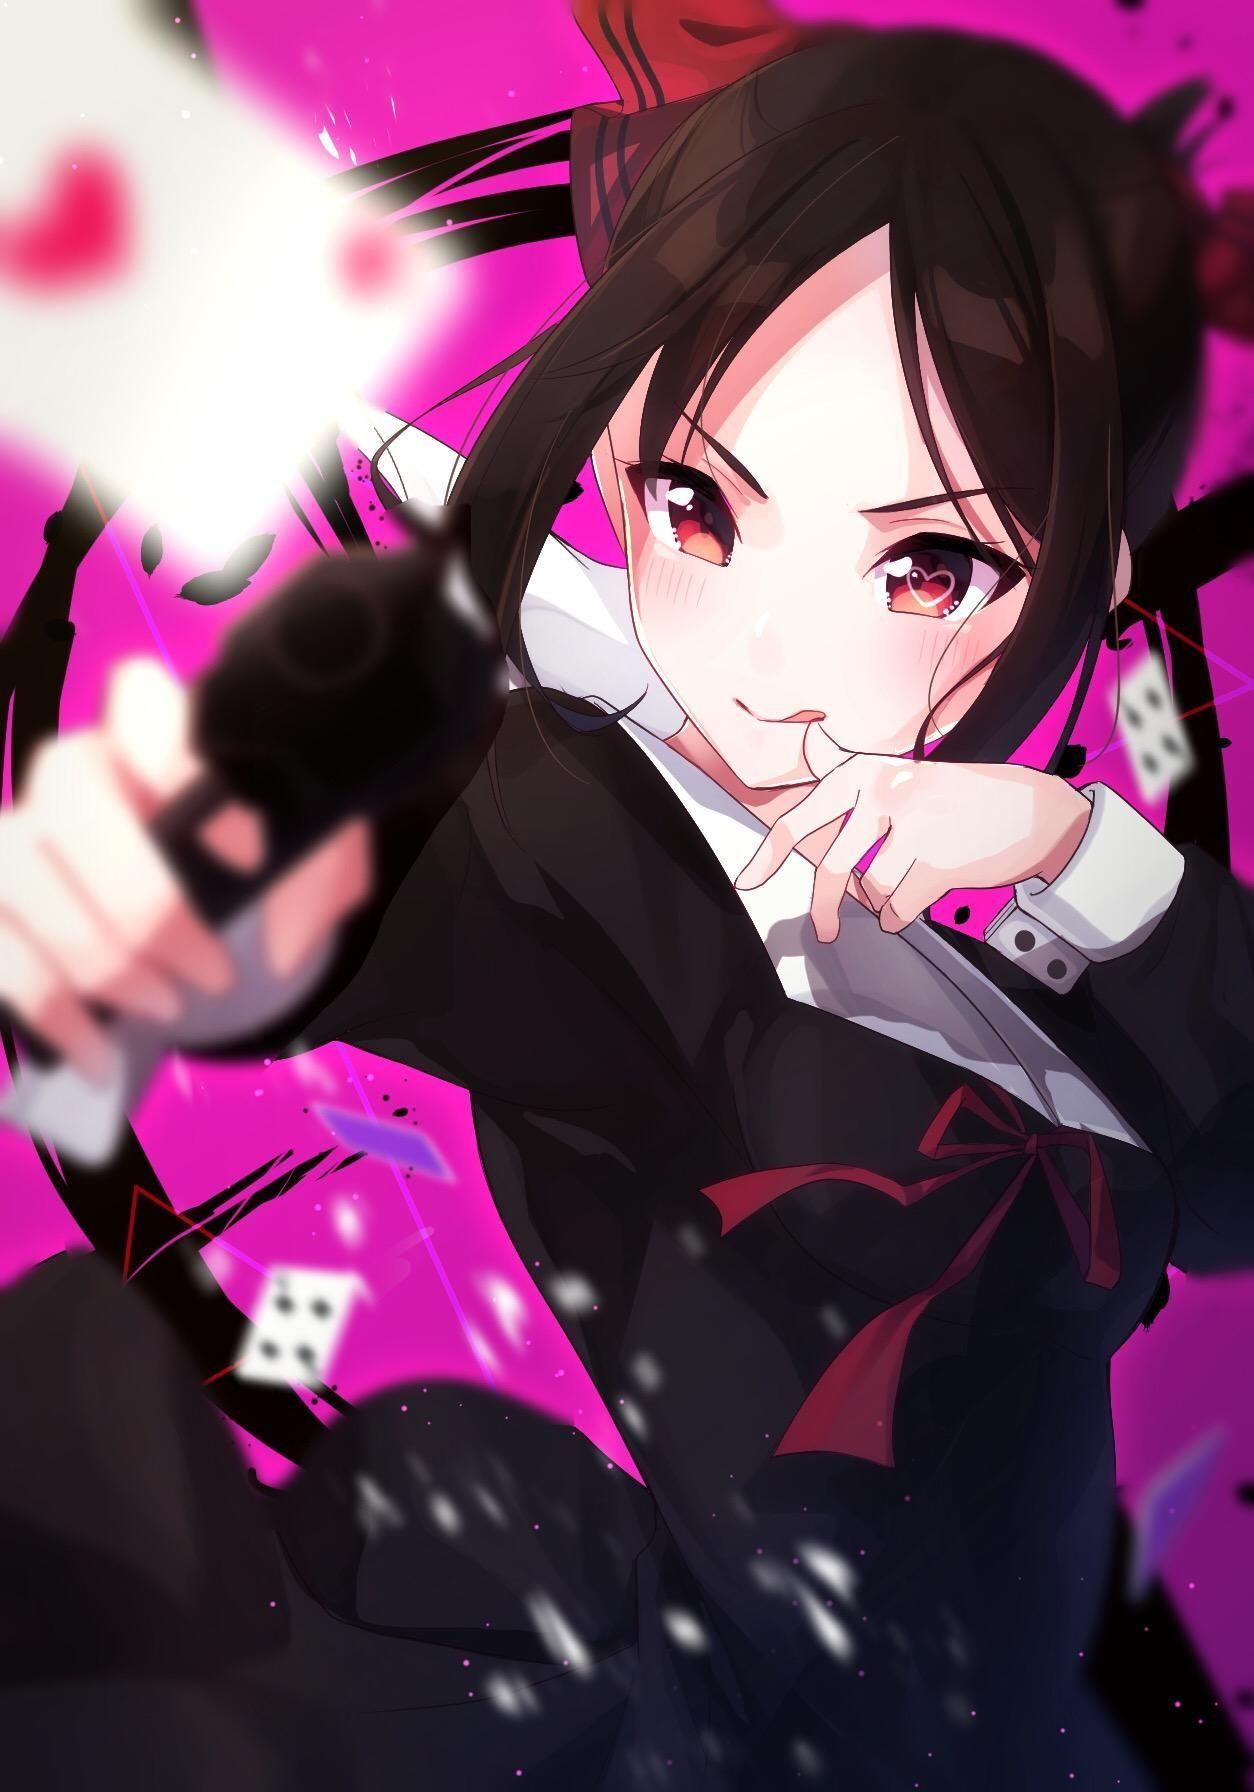 Shinomiya Kaguya (Kaguyasama Love is War) Menina anime